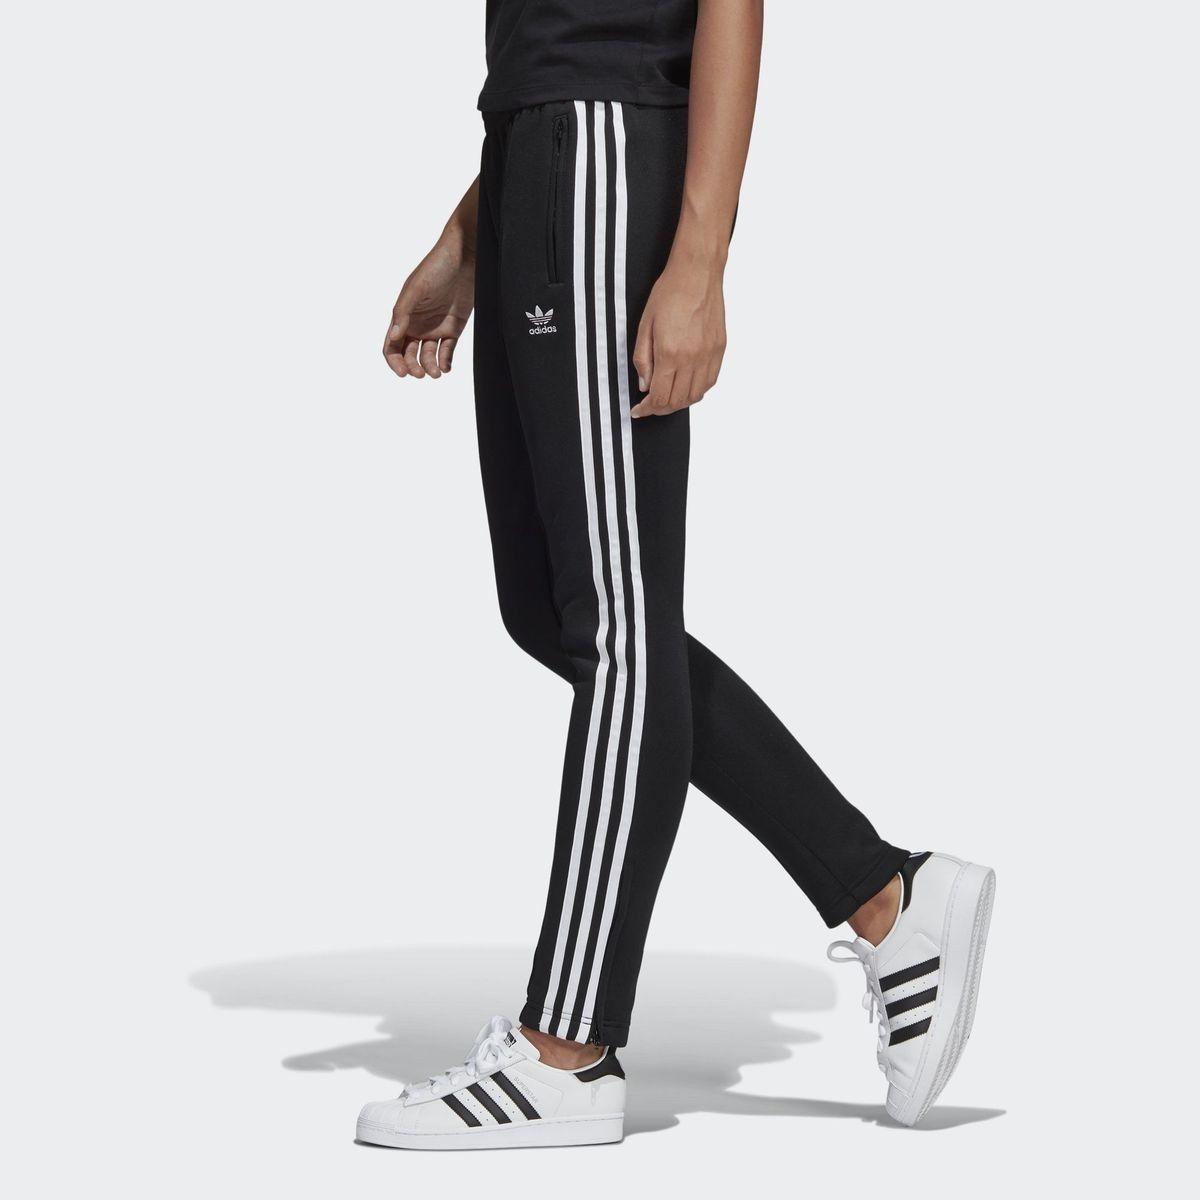 Pantalon De Jogging 3 Bandes Ce2400 - Taille   36 38 40 42 feaf20a24ef6